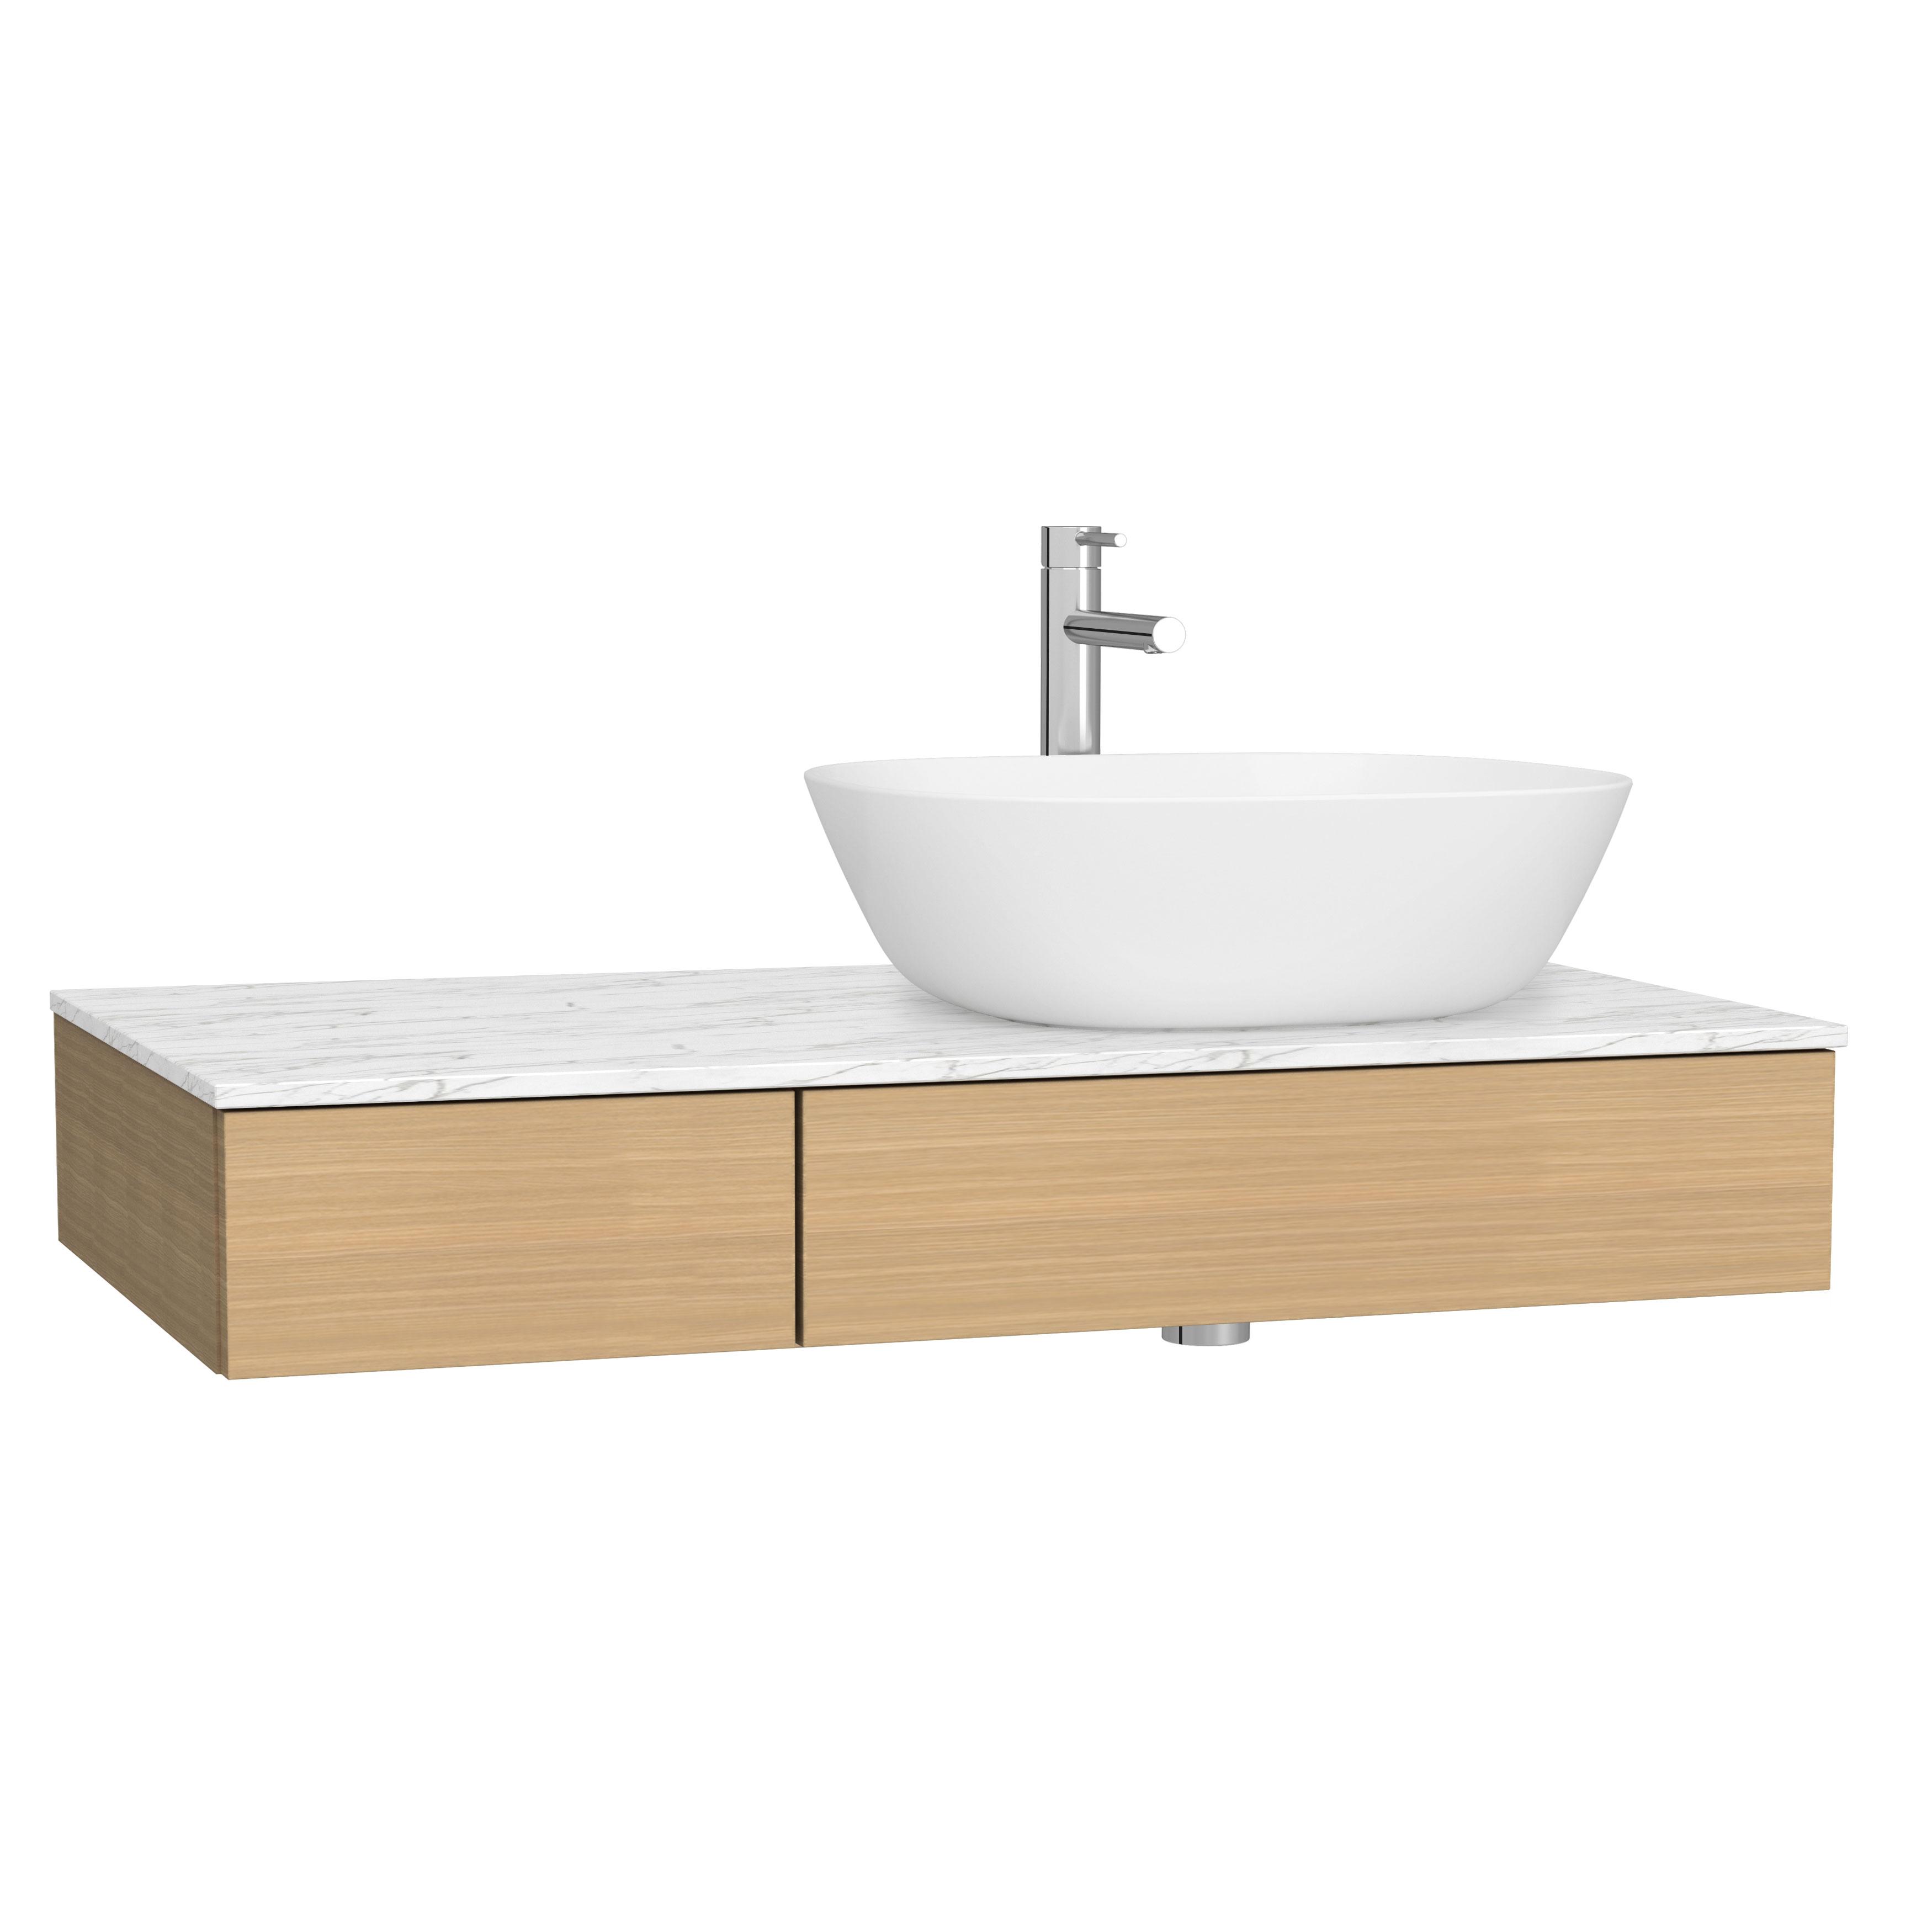 Origin plan de toilette avec tiroir, 90 cm, chêne ferrera, droite